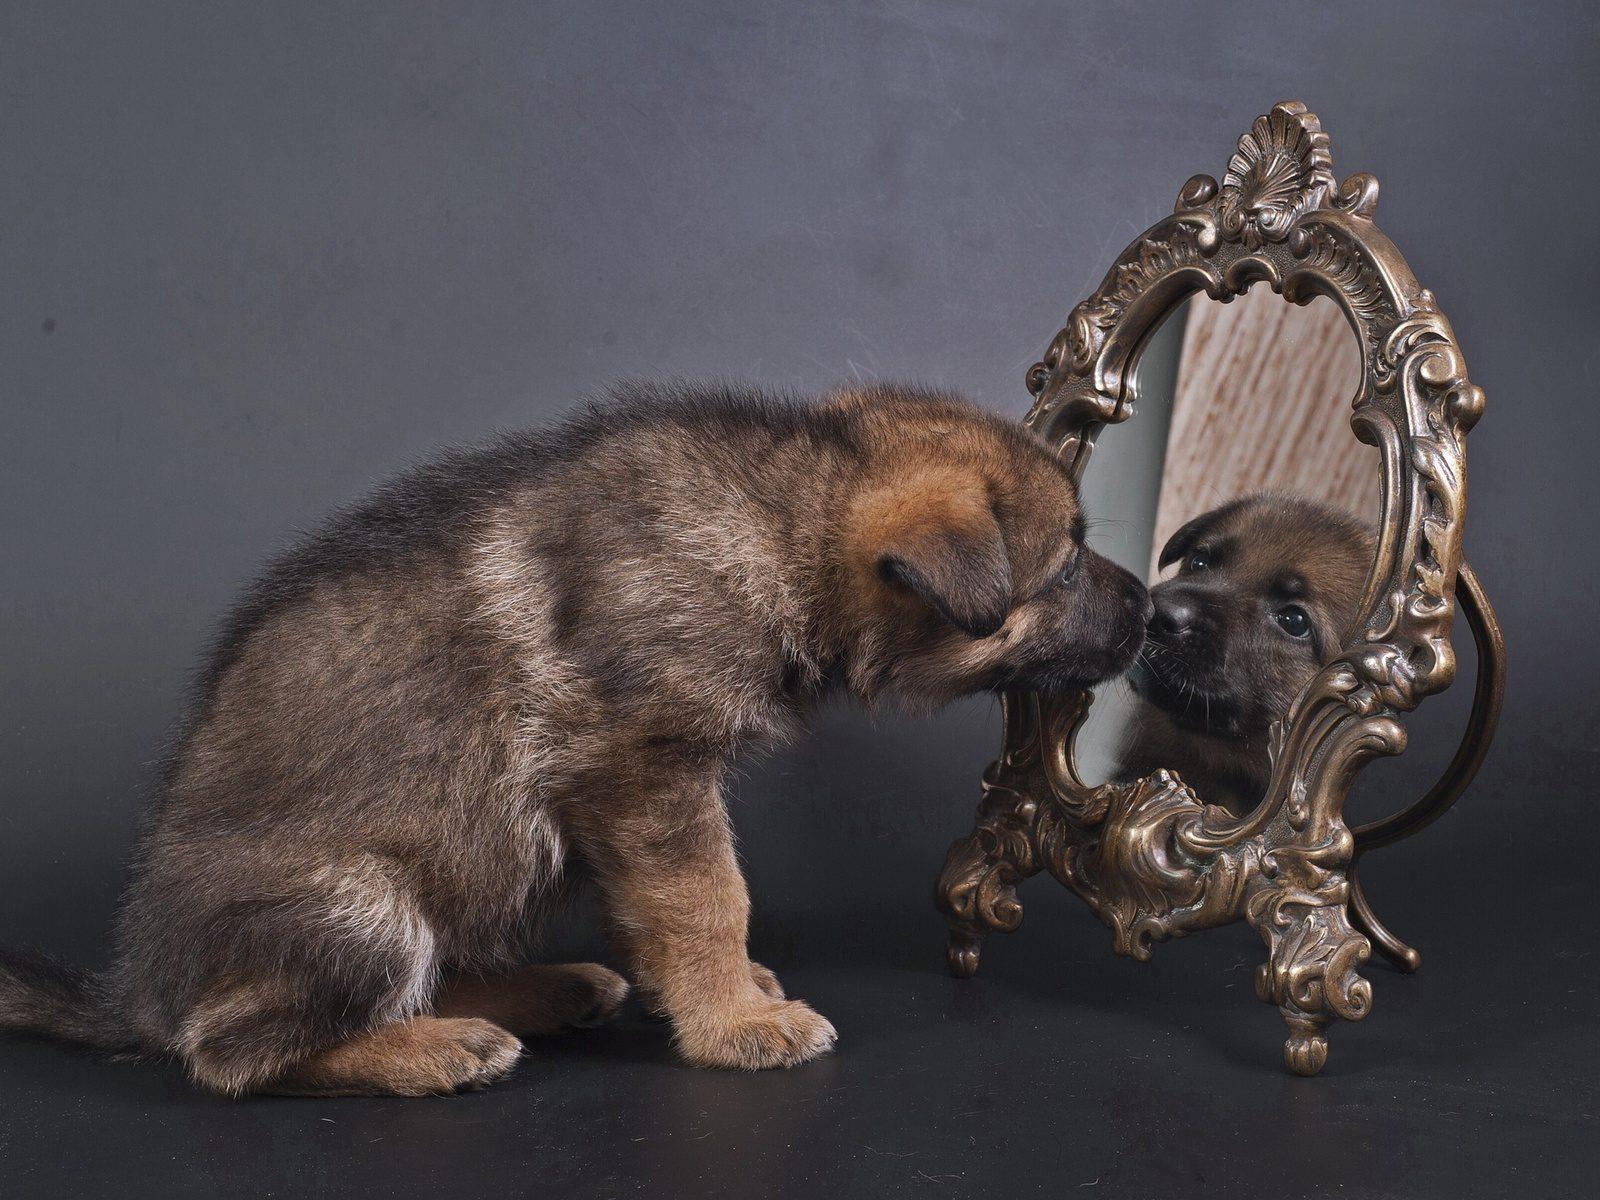 Кавказская овчарка смотрится в зеркало.